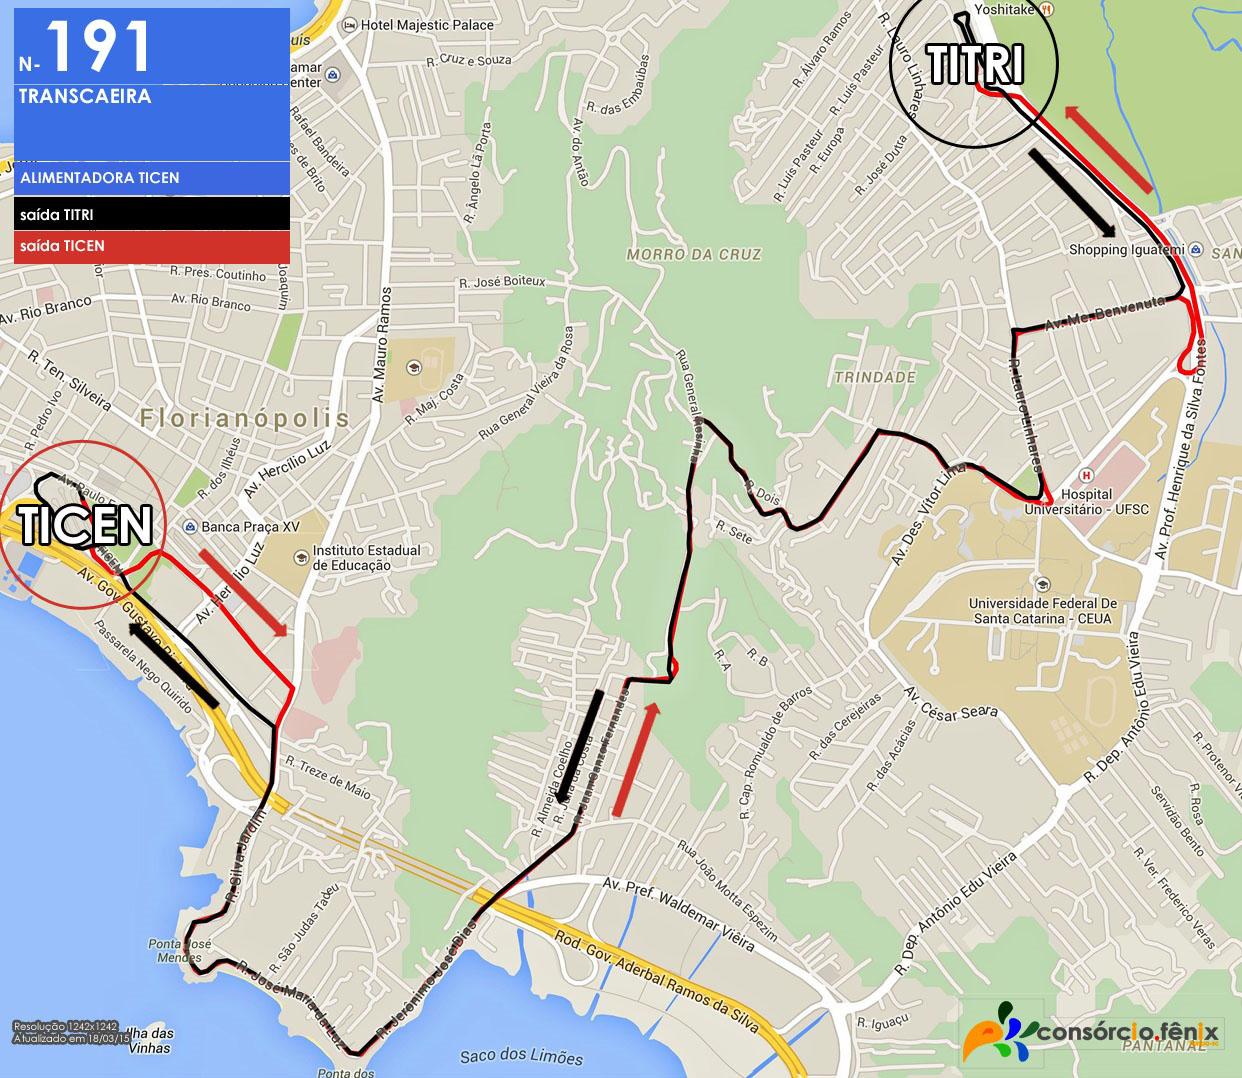 Horario de Onibus TITRI - TICEN via Transcaeira